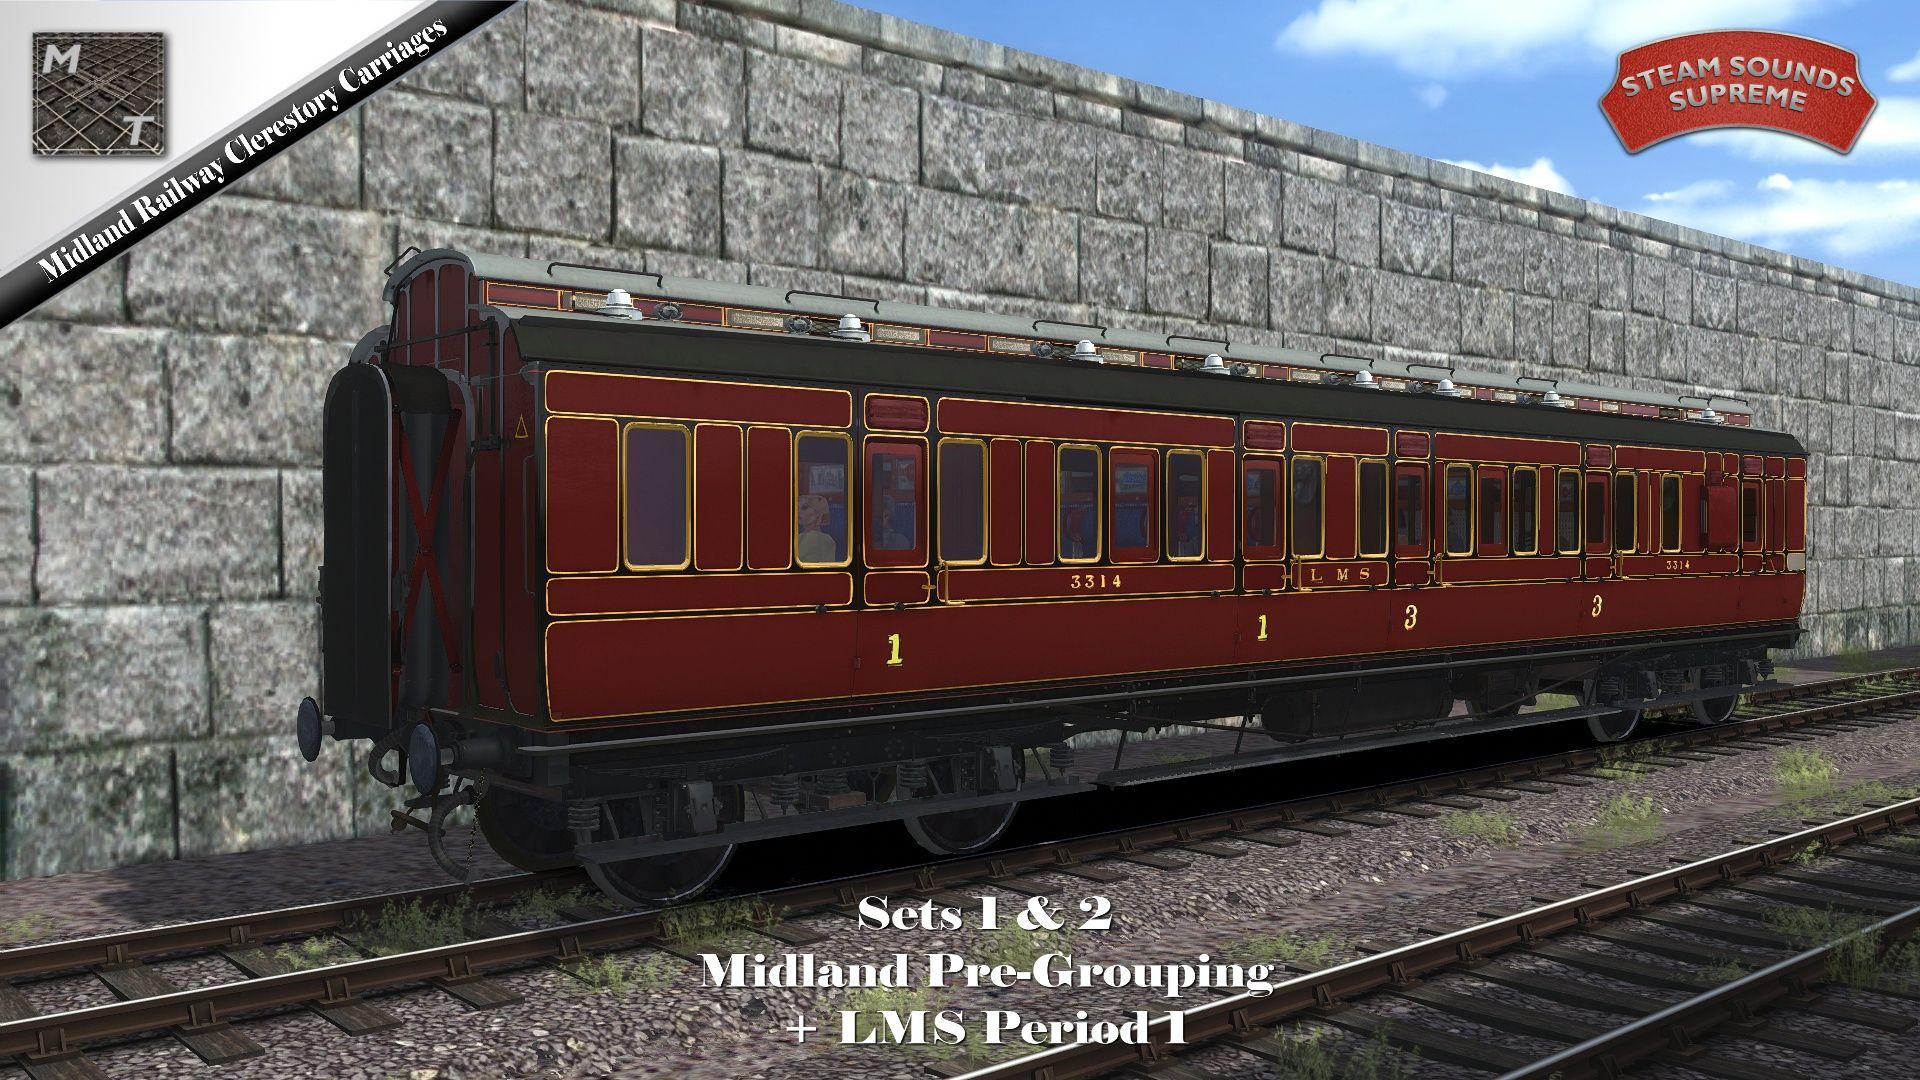 MidlandClerestorySet1+2_20.jpg